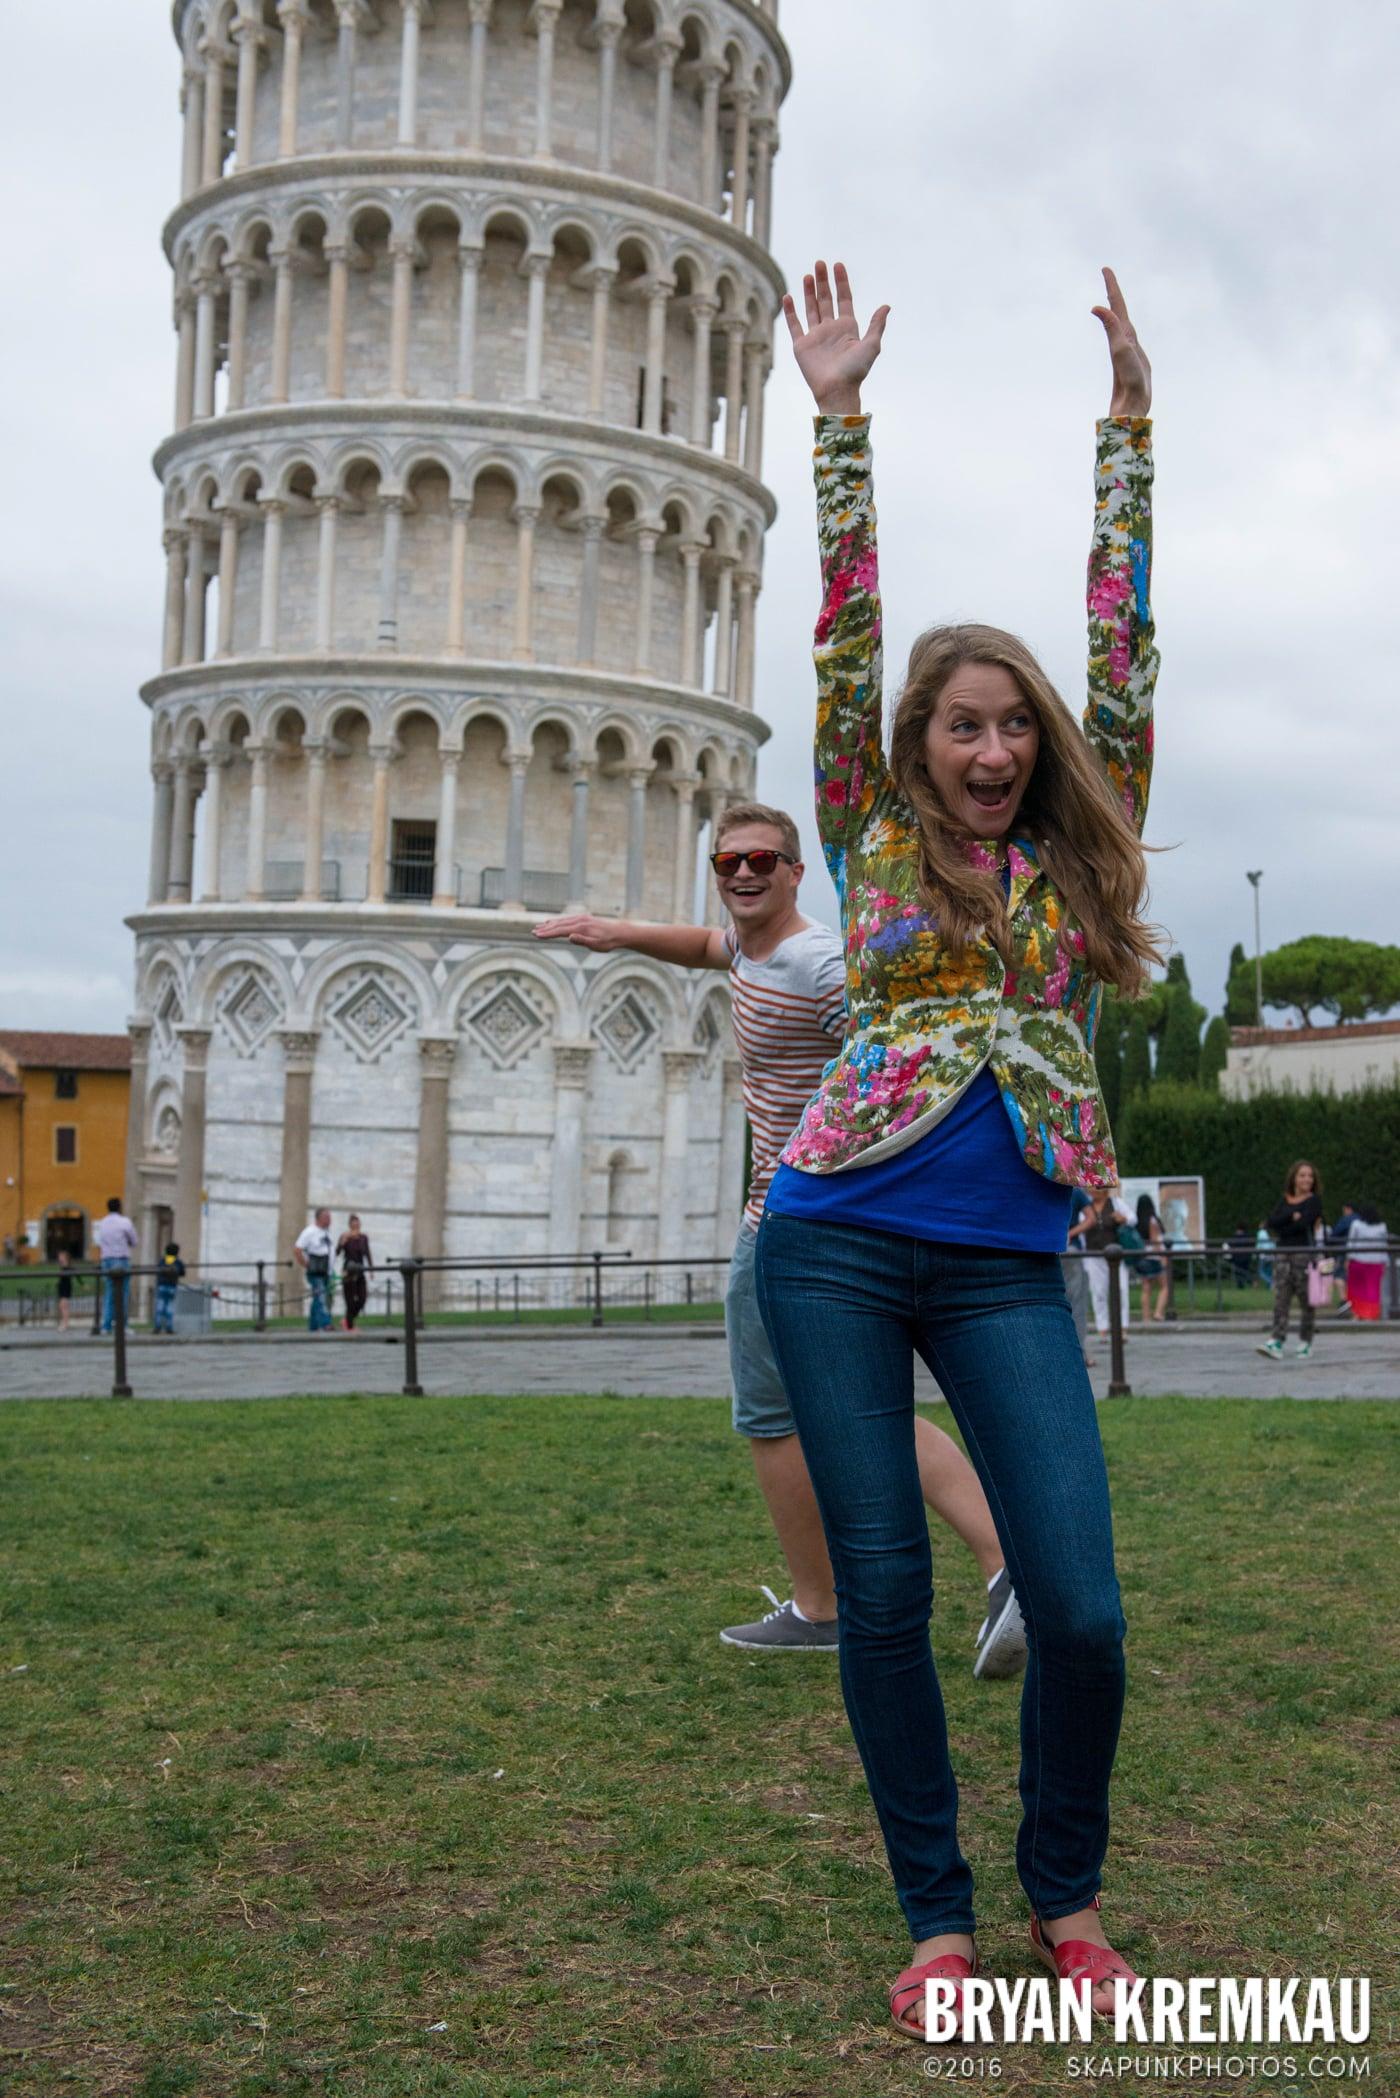 Italy Vacation - Day 8: Siena, San Gimignano, Chianti, Pisa - 9.16.13 (19)